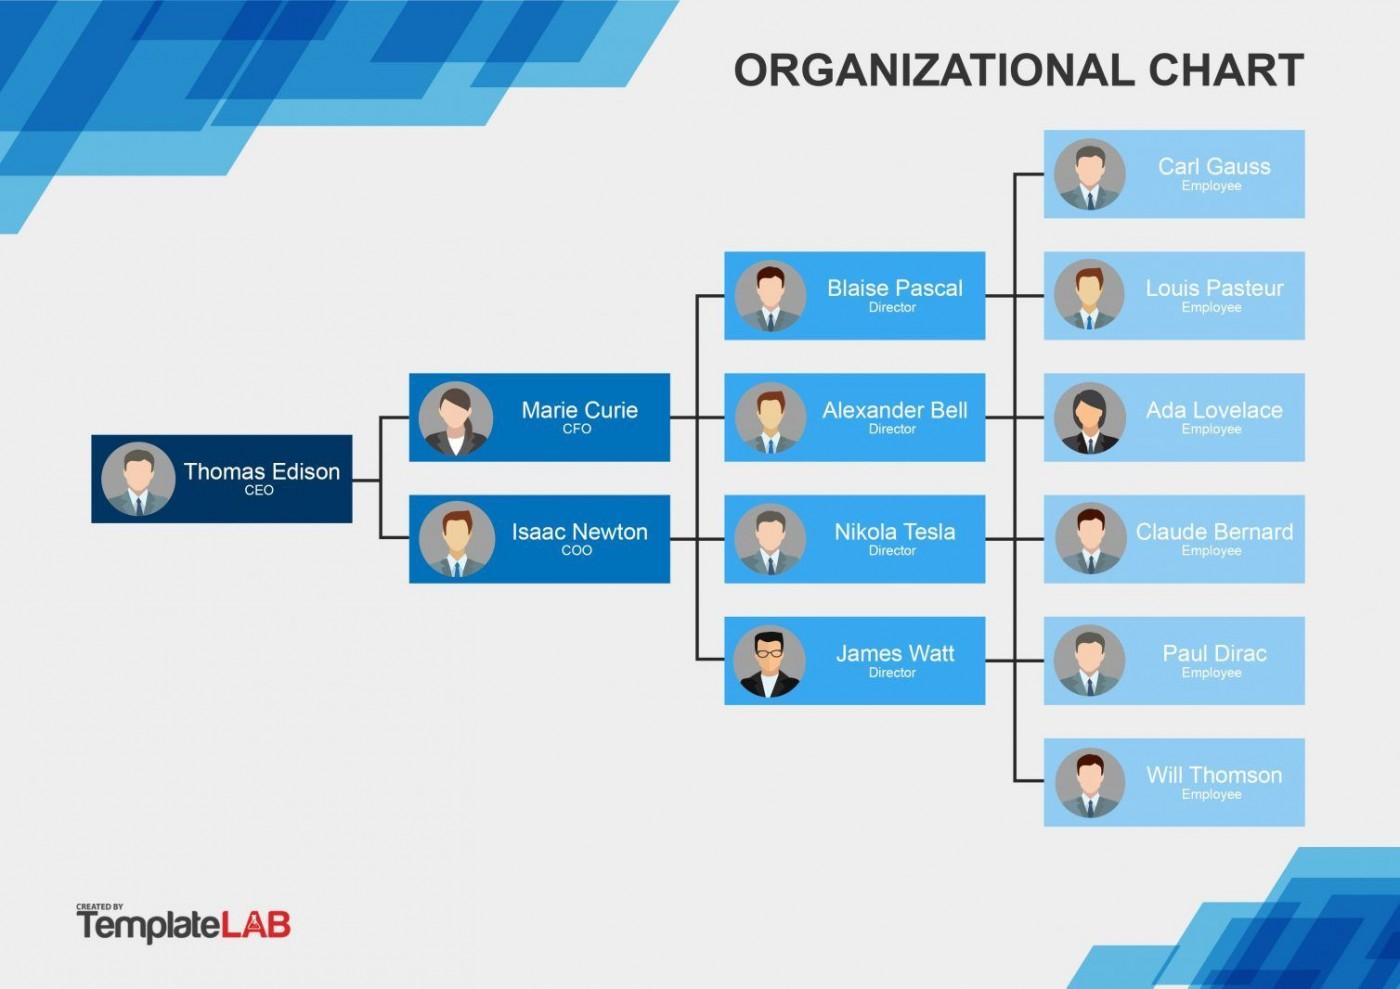 007 Beautiful Organization Chart Template Word 2013 Image  Organizational Free Microsoft1400